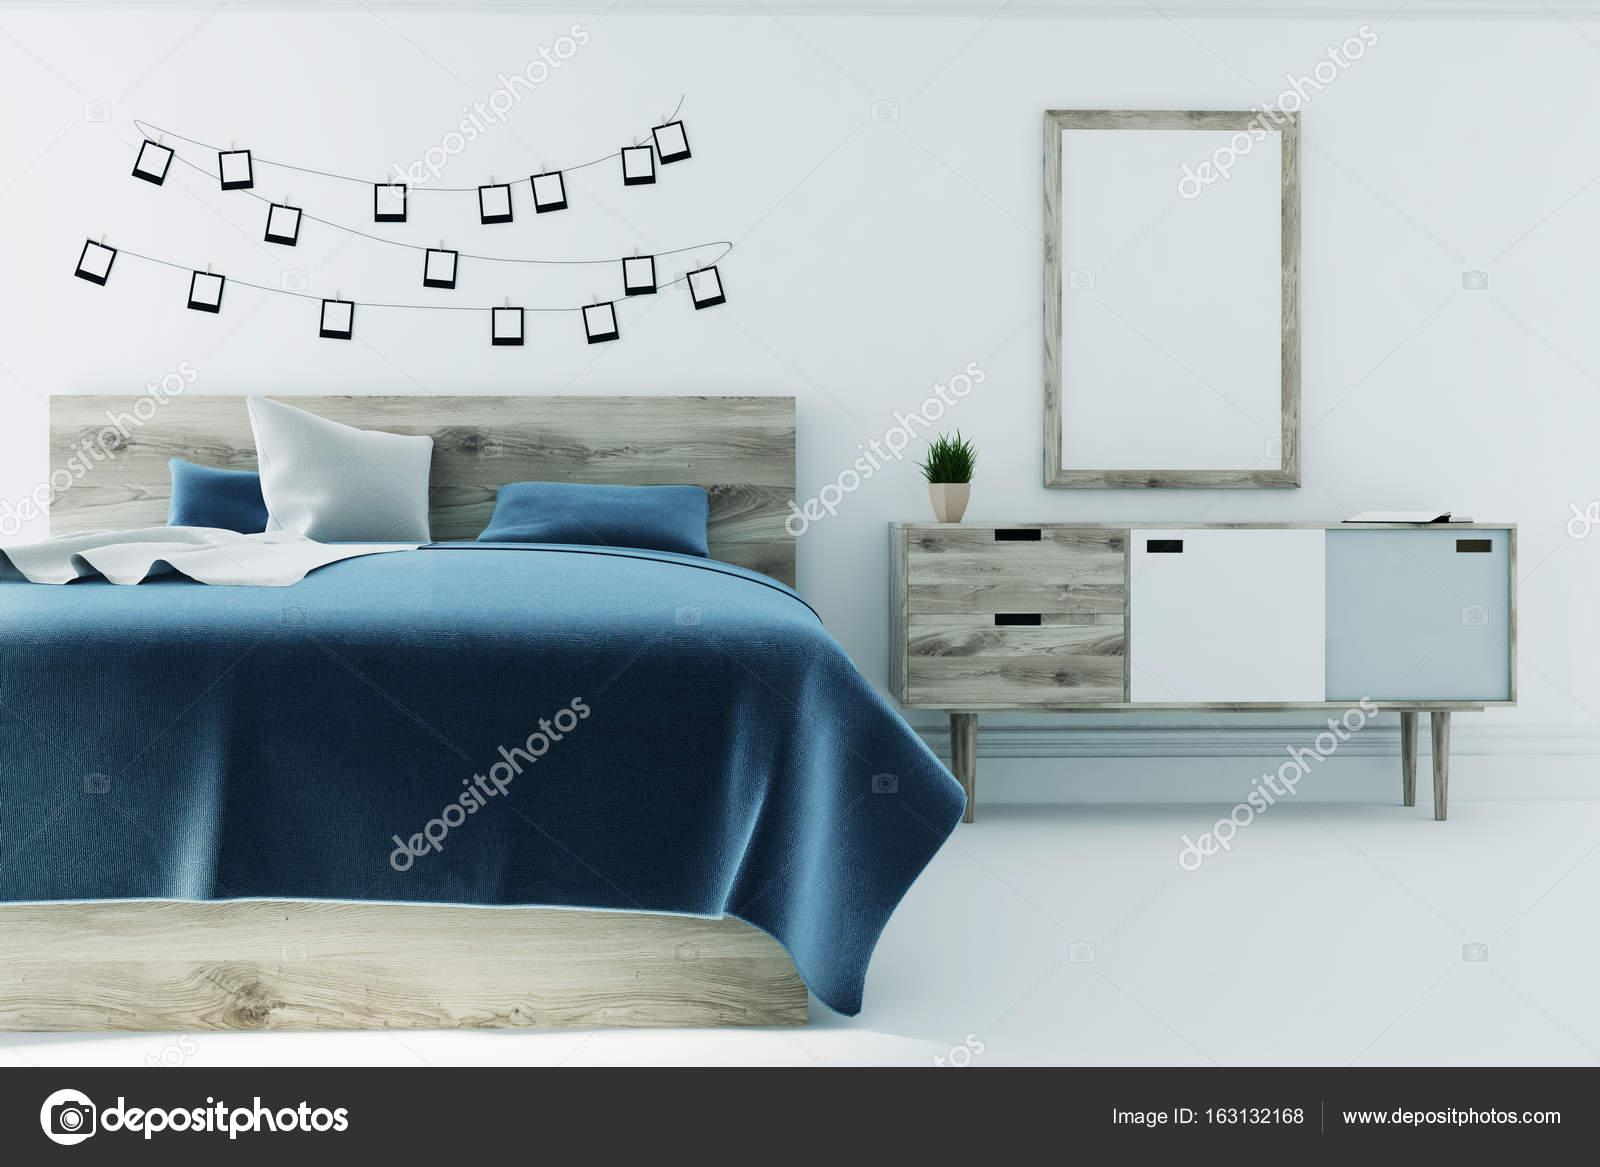 https://st3.depositphotos.com/2673929/16313/i/1600/depositphotos_163132168-stockafbeelding-wit-slaapkamer-met-een-cover.jpg